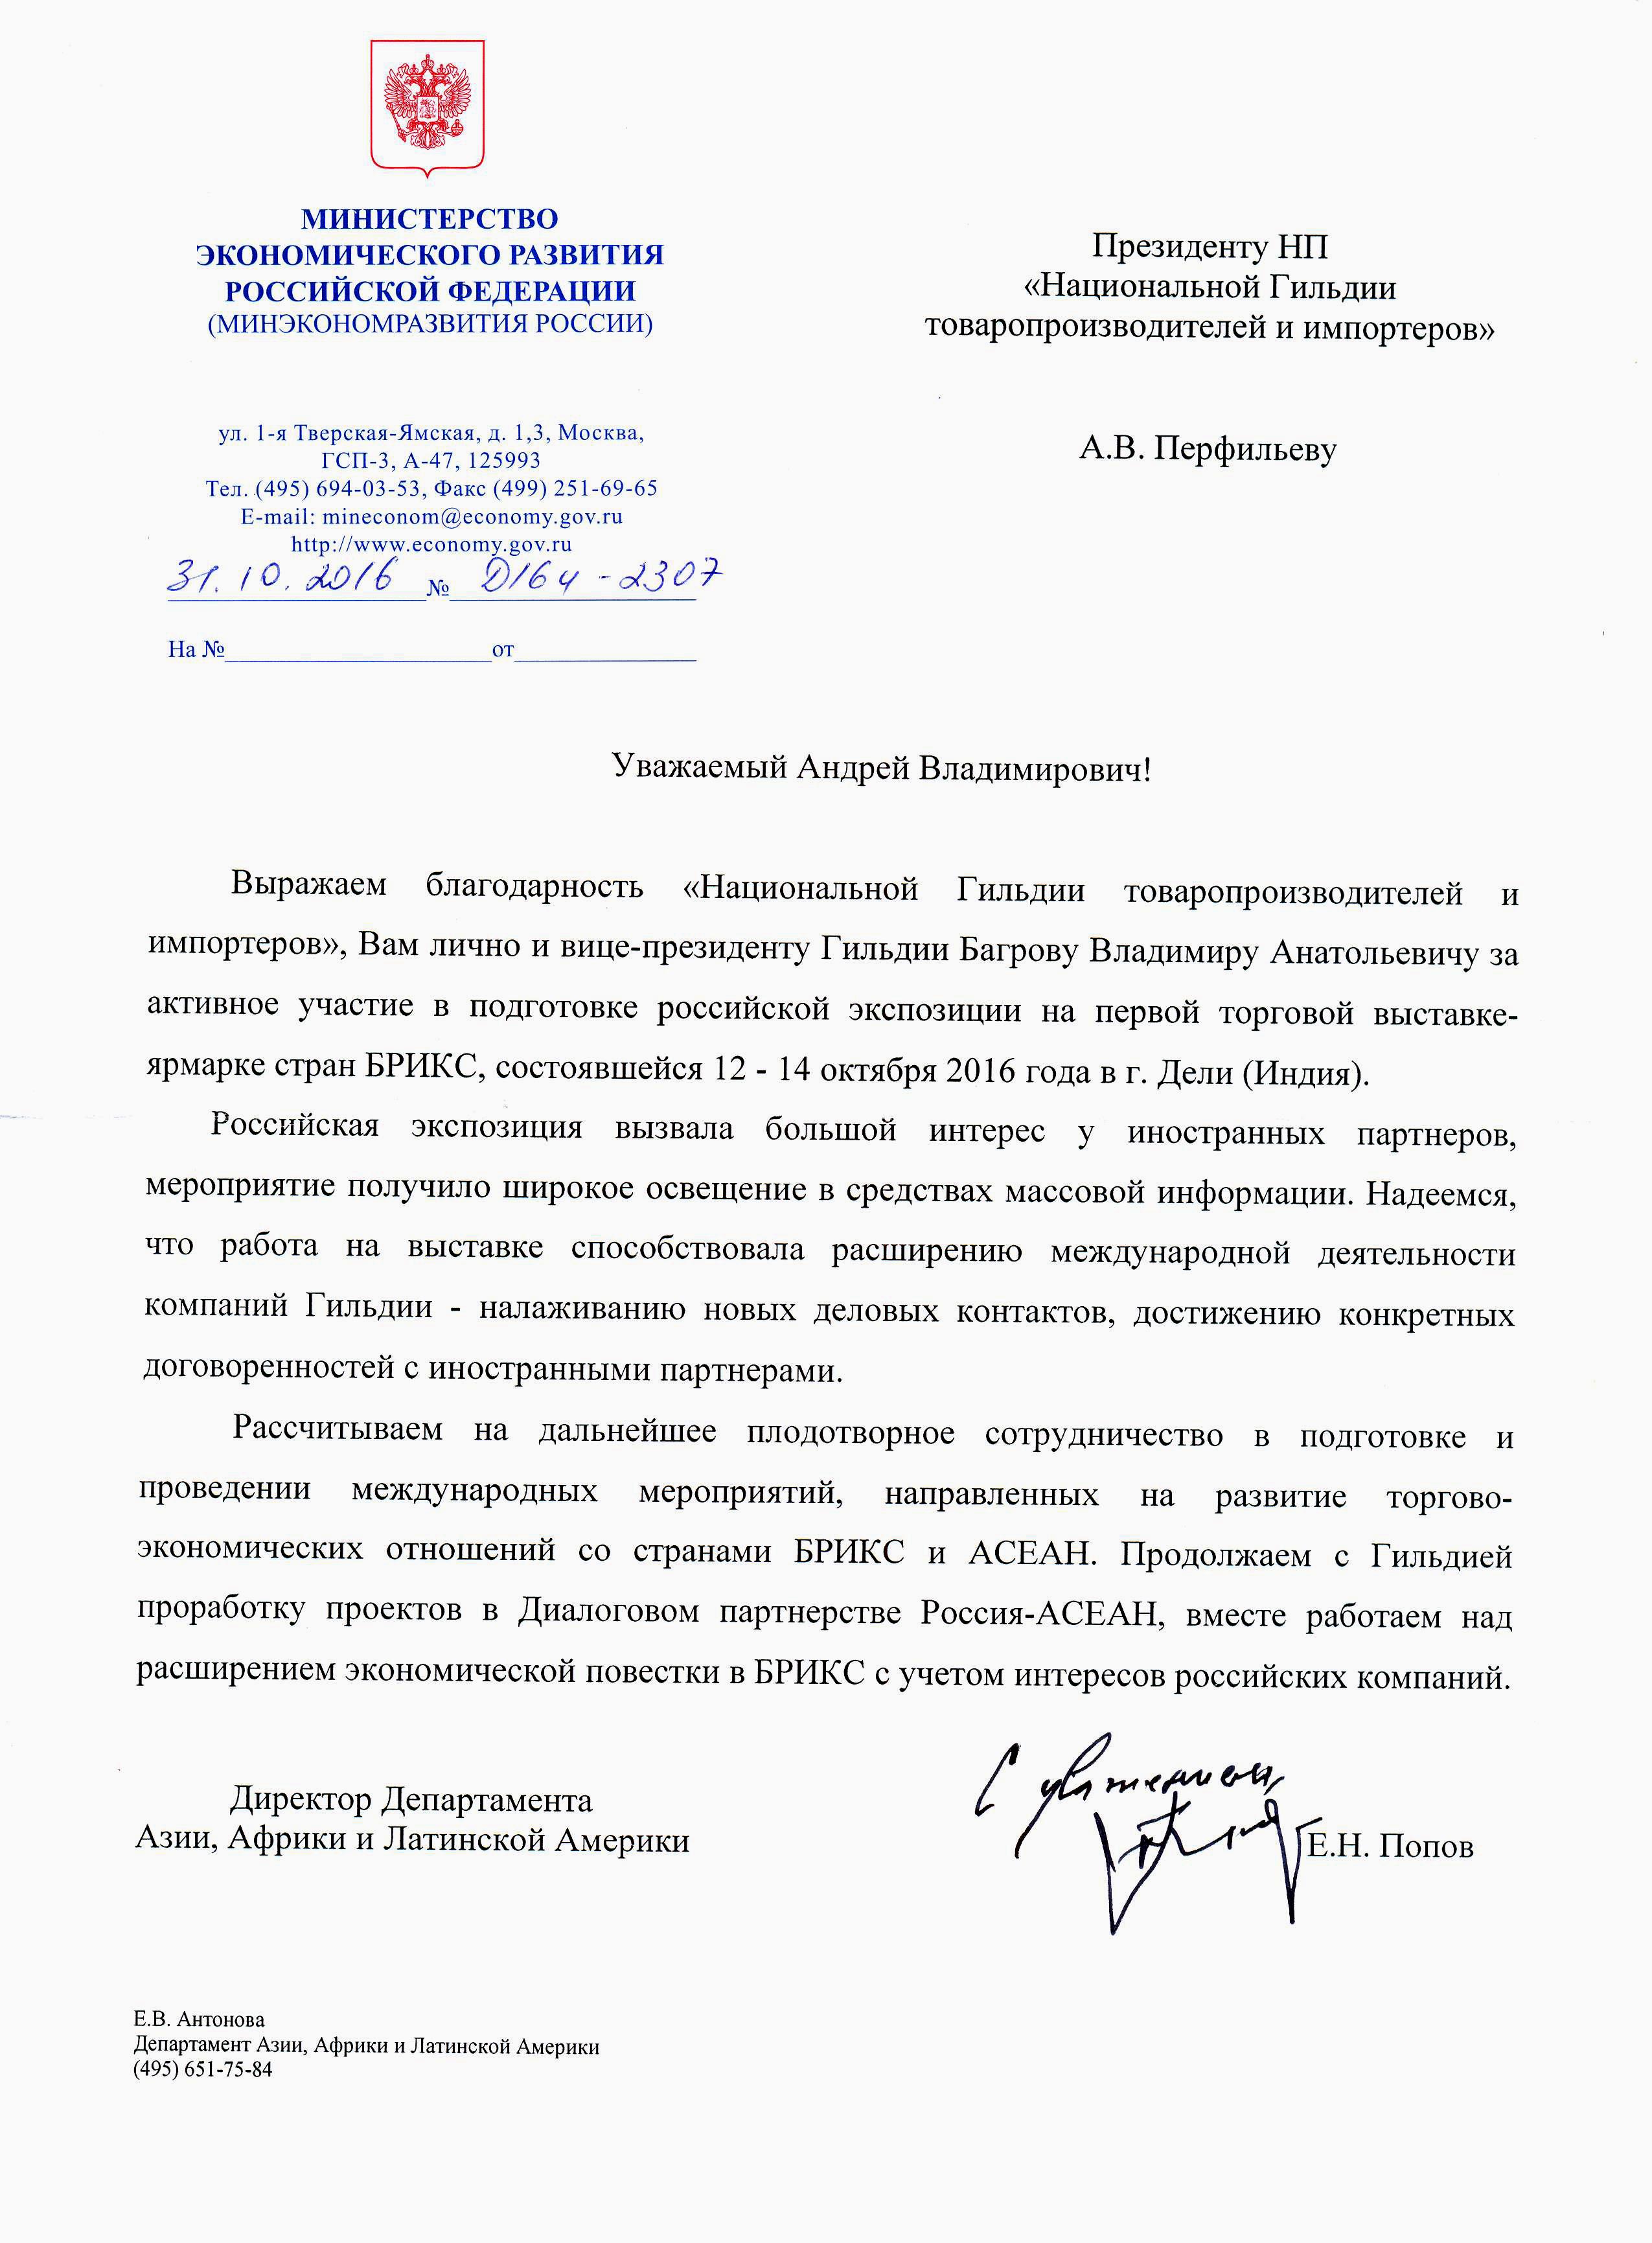 Перфильеву А.В. от МЭР